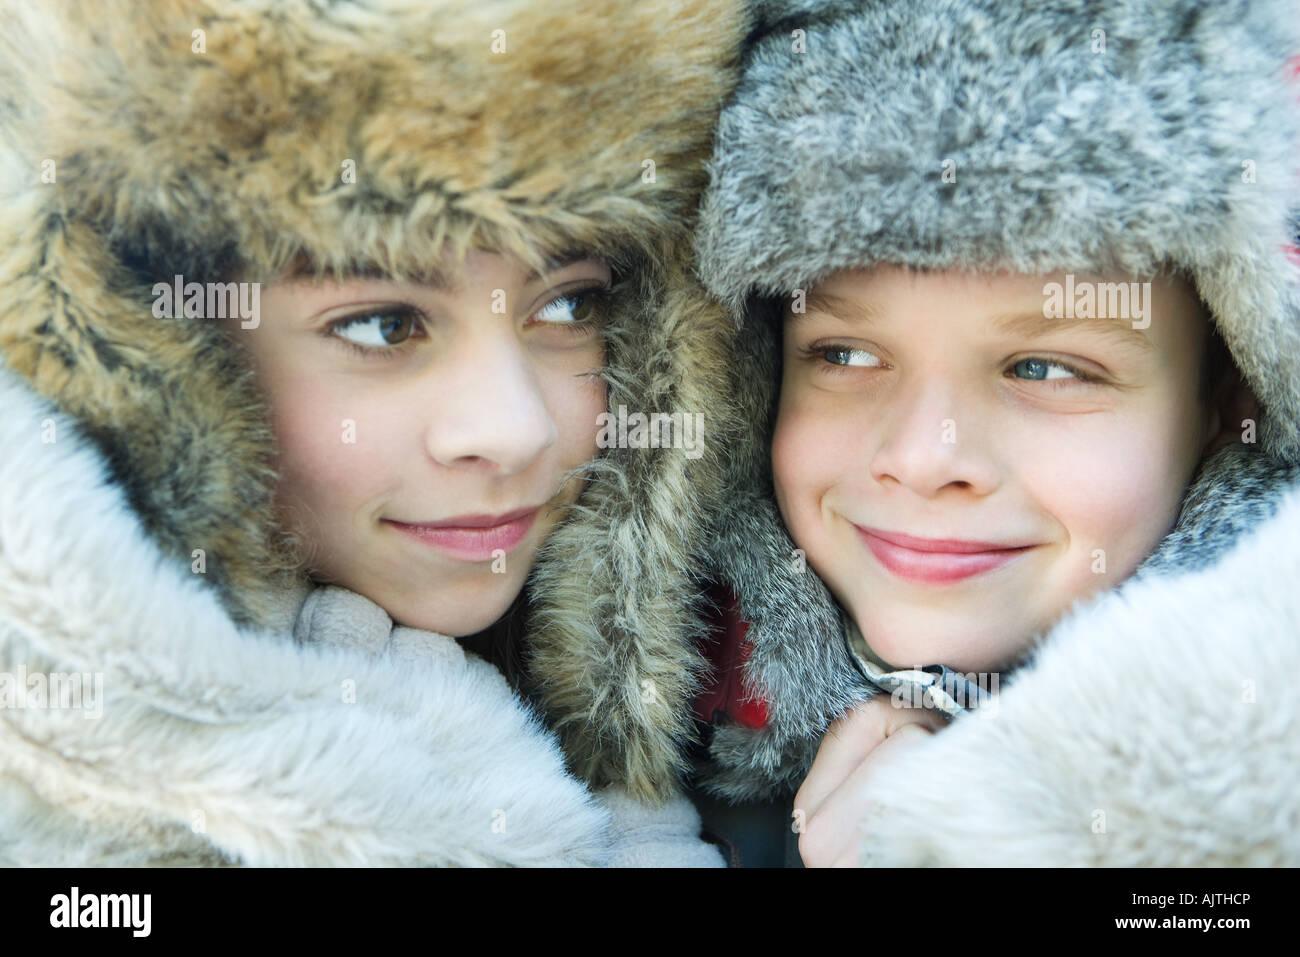 Schwester und Bruder tragen Pelz Mützen, Lächeln, wegschauen, Porträt Stockfoto